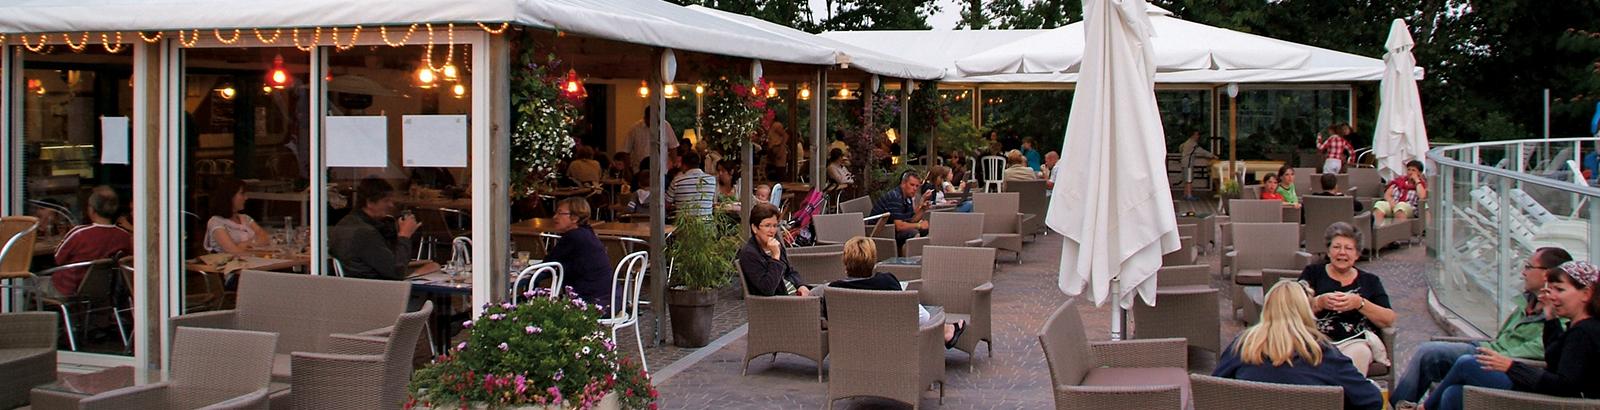 Restaurant mit a-la-carte-Gerichte, Snacks , Pizzeria, Pizza zum Mitnehmen, Bar...